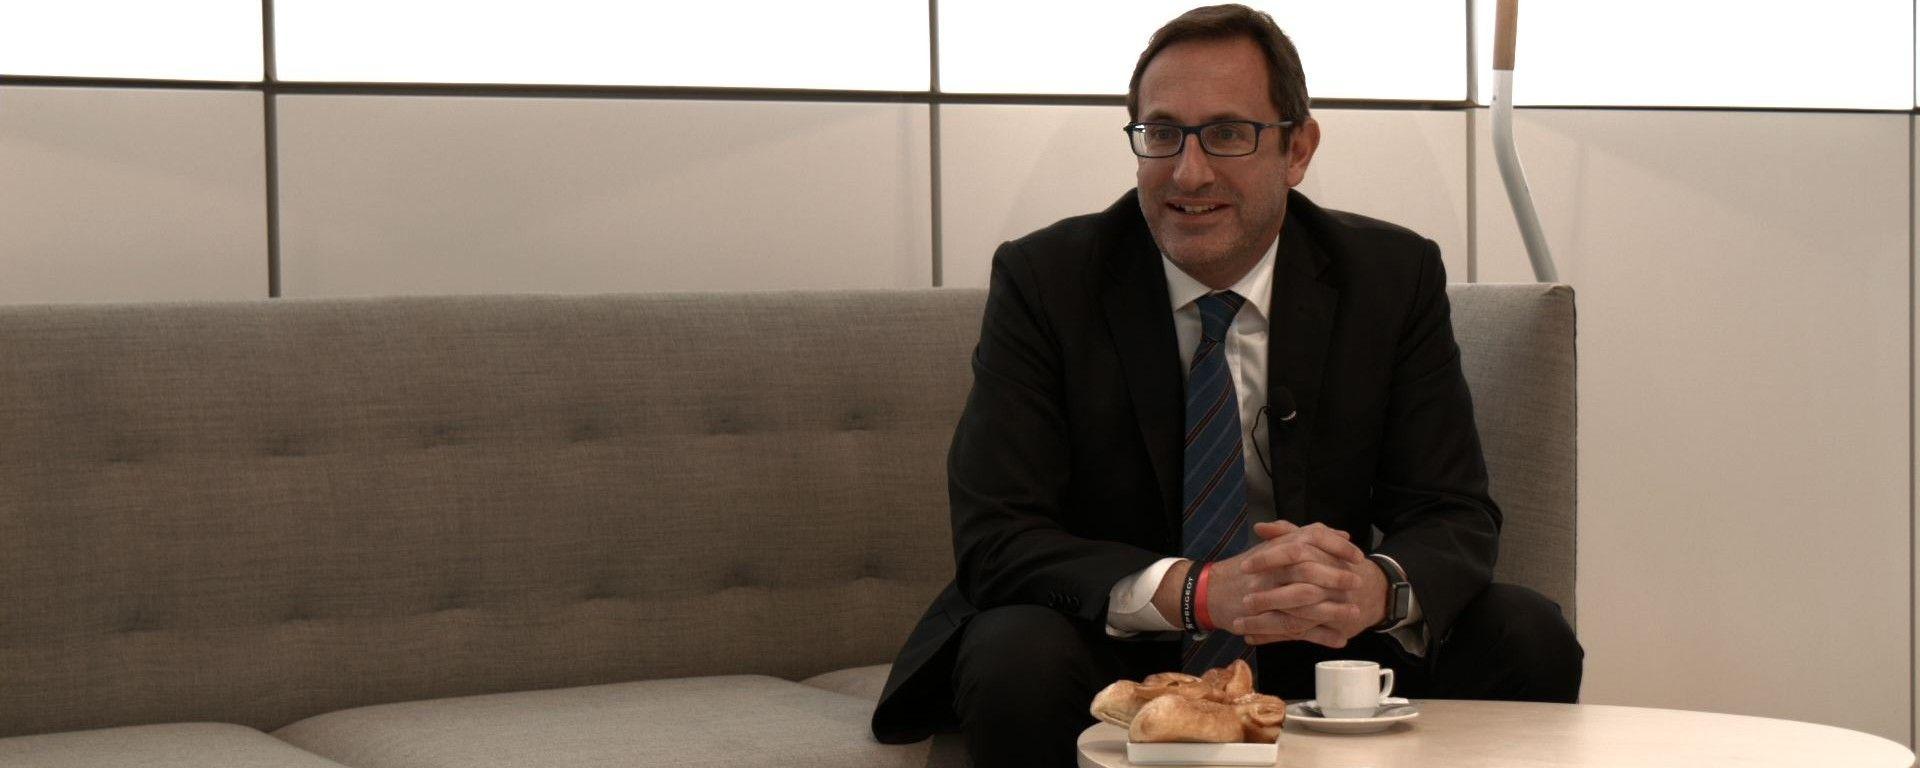 Carlo Leoni, Direttore della Comunicazione e delle Relazioni esterne del Gruppo PSA per l'Italia